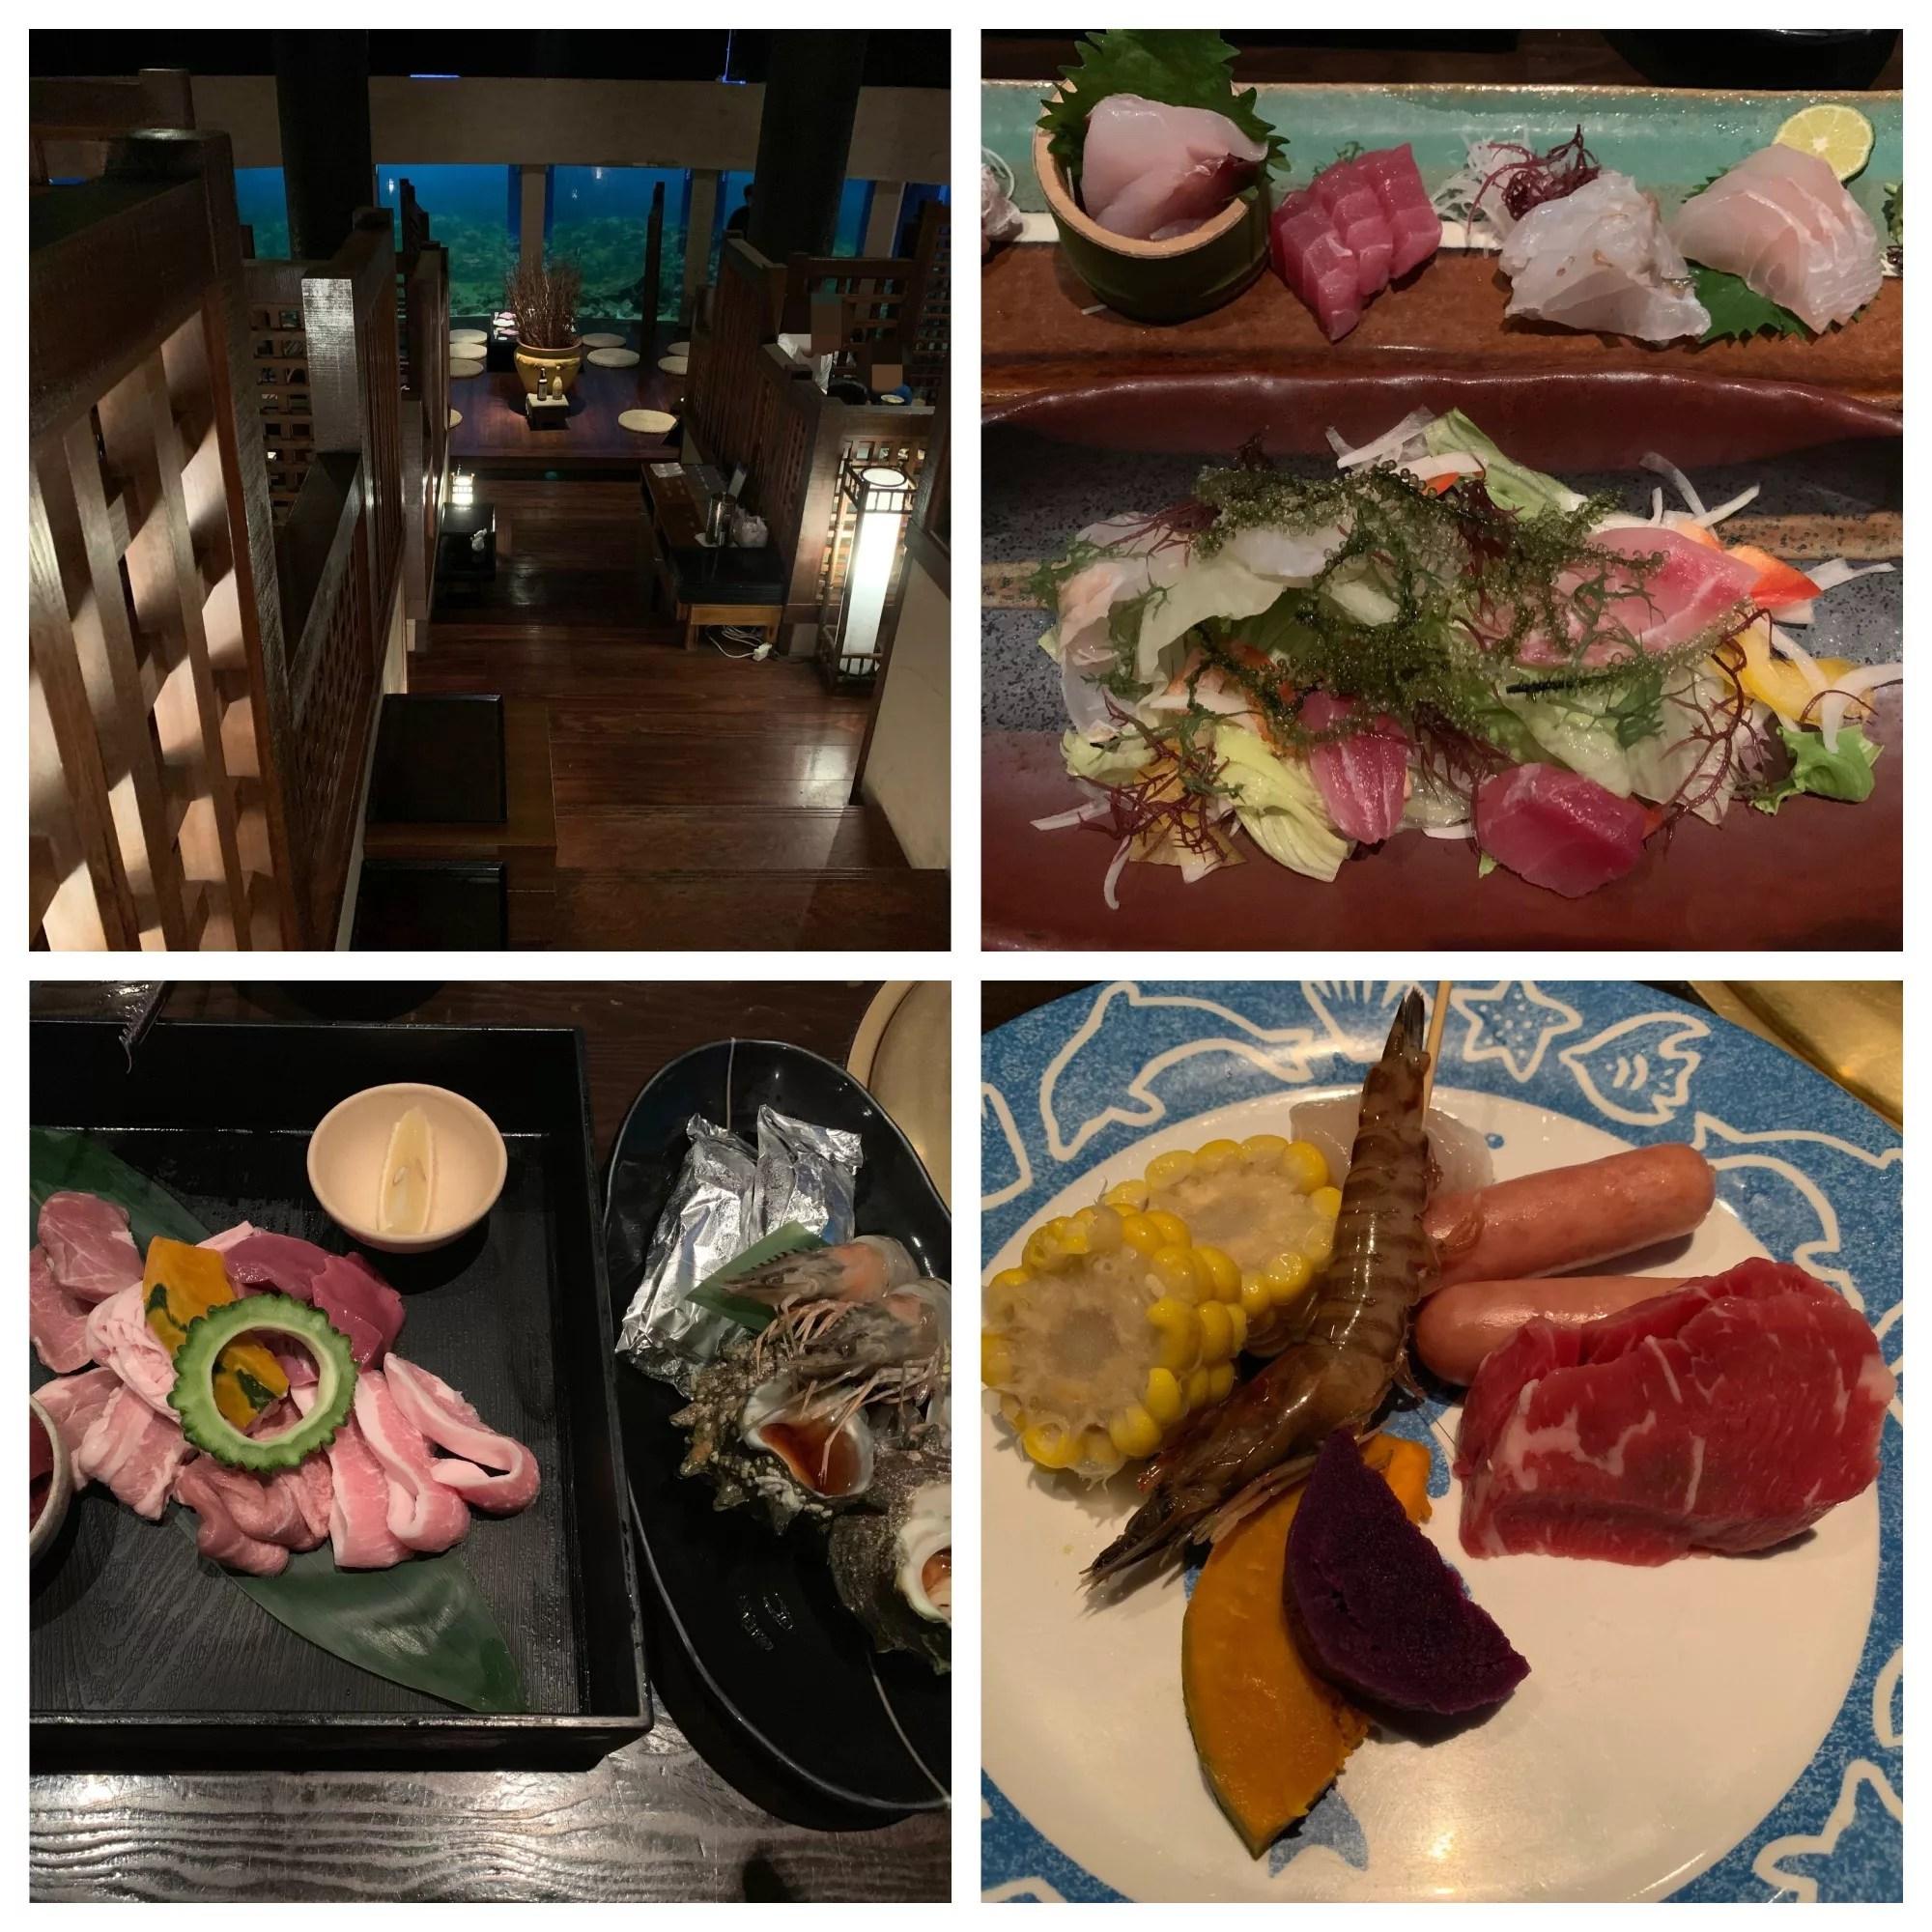 ルネッサンスリゾートオキナワ「海風」ディナー(水槽の前で食べる沖縄料理と炭火焼)